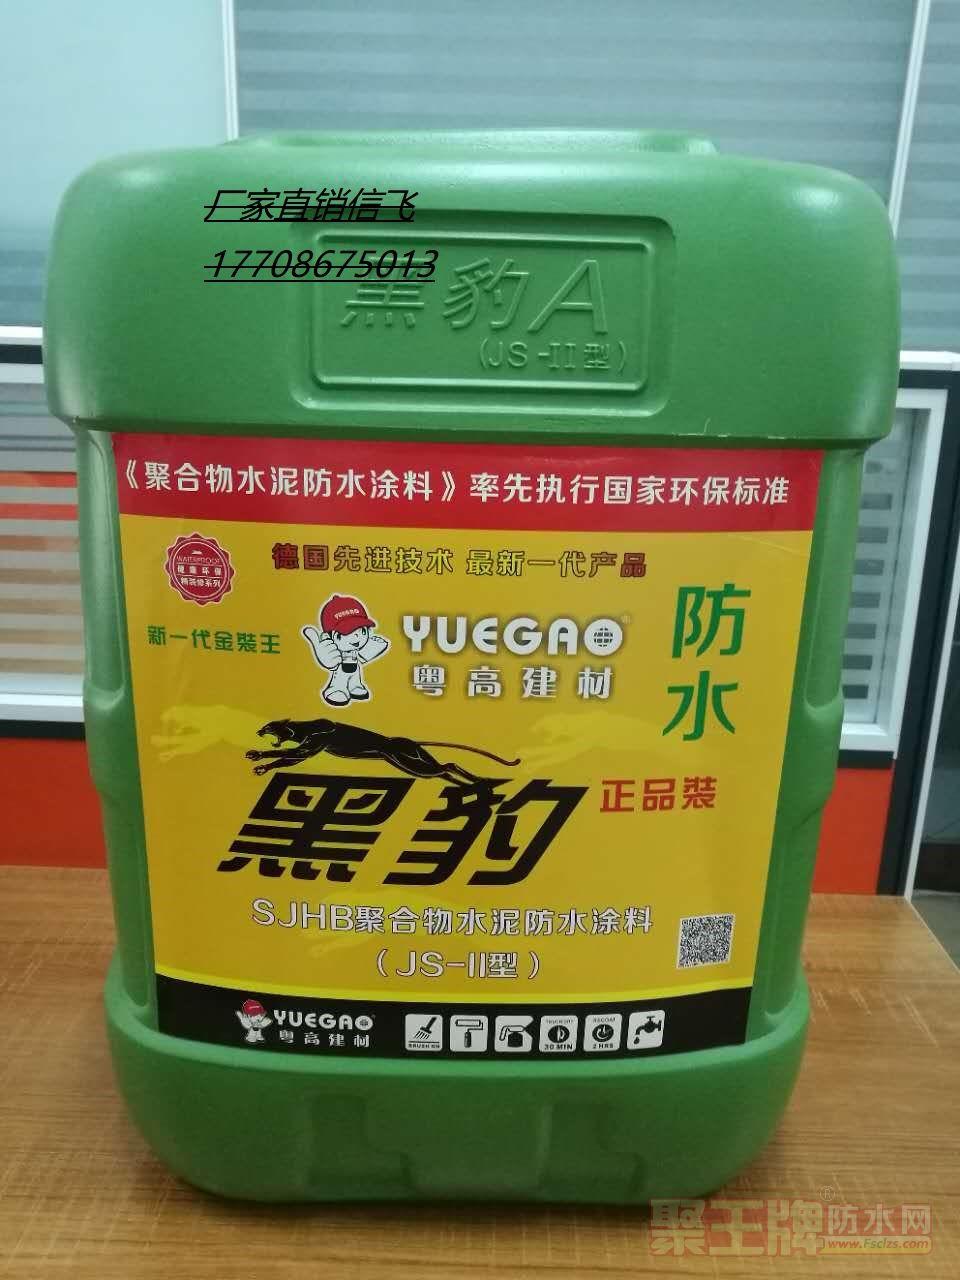 广东广州厂家直销黑豹防水涂料行情报价